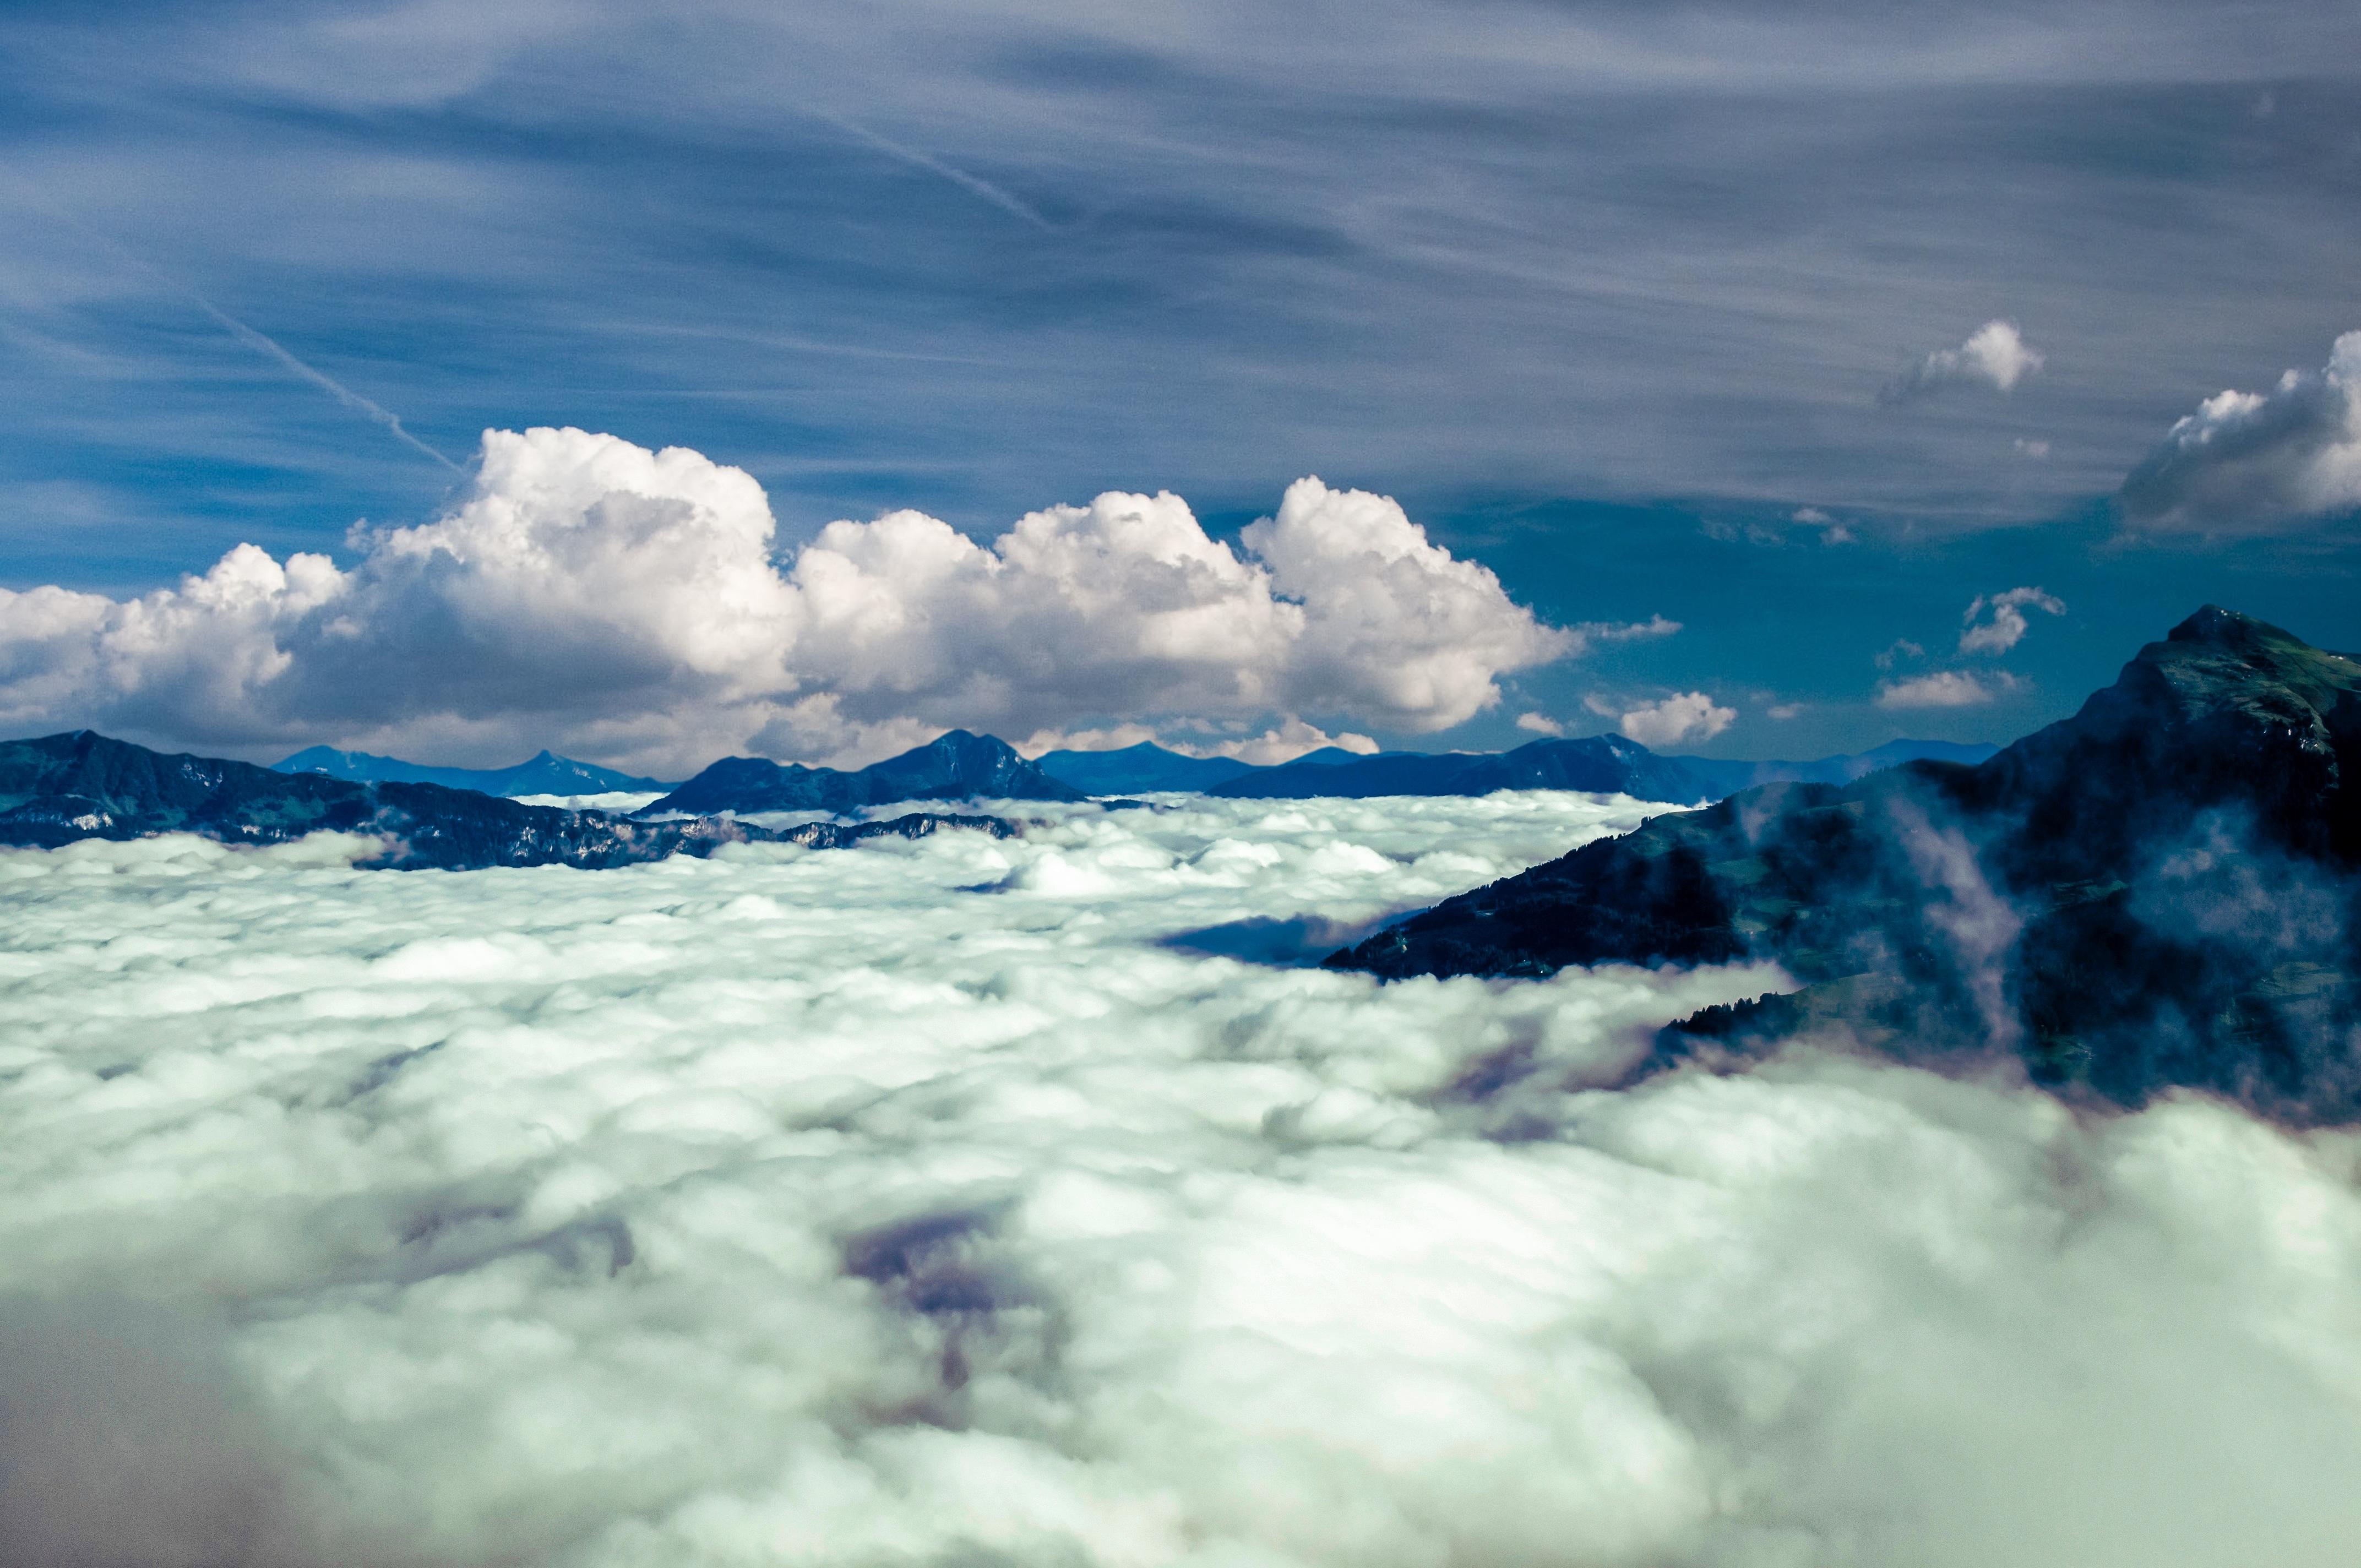 картинка выше облаков в горах холодильная